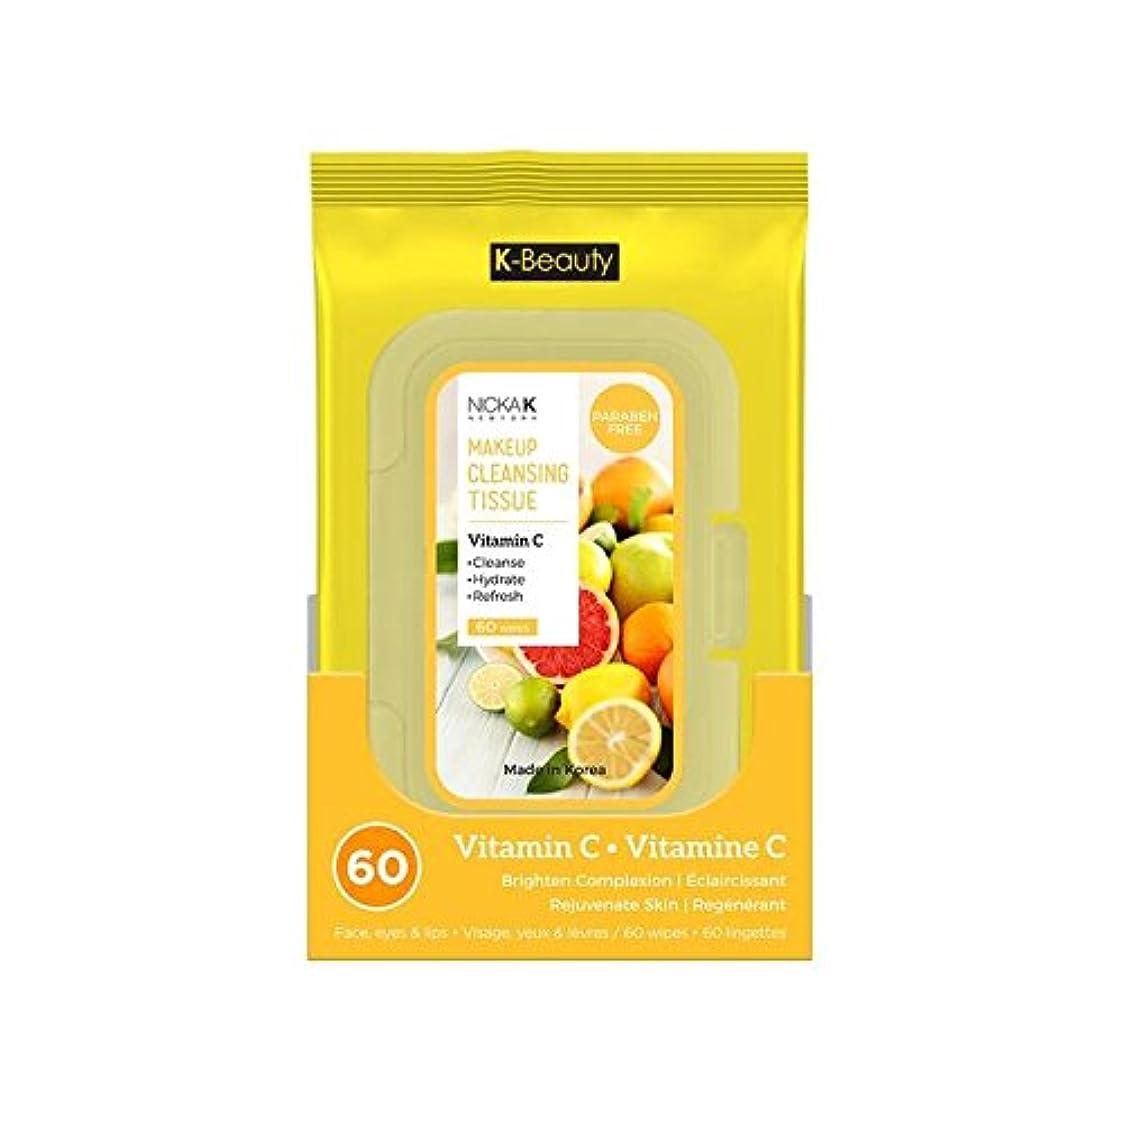 必須処方するどれでも(3 Pack) NICKA K Make Up Cleansing Tissue - Vitamin C (並行輸入品)